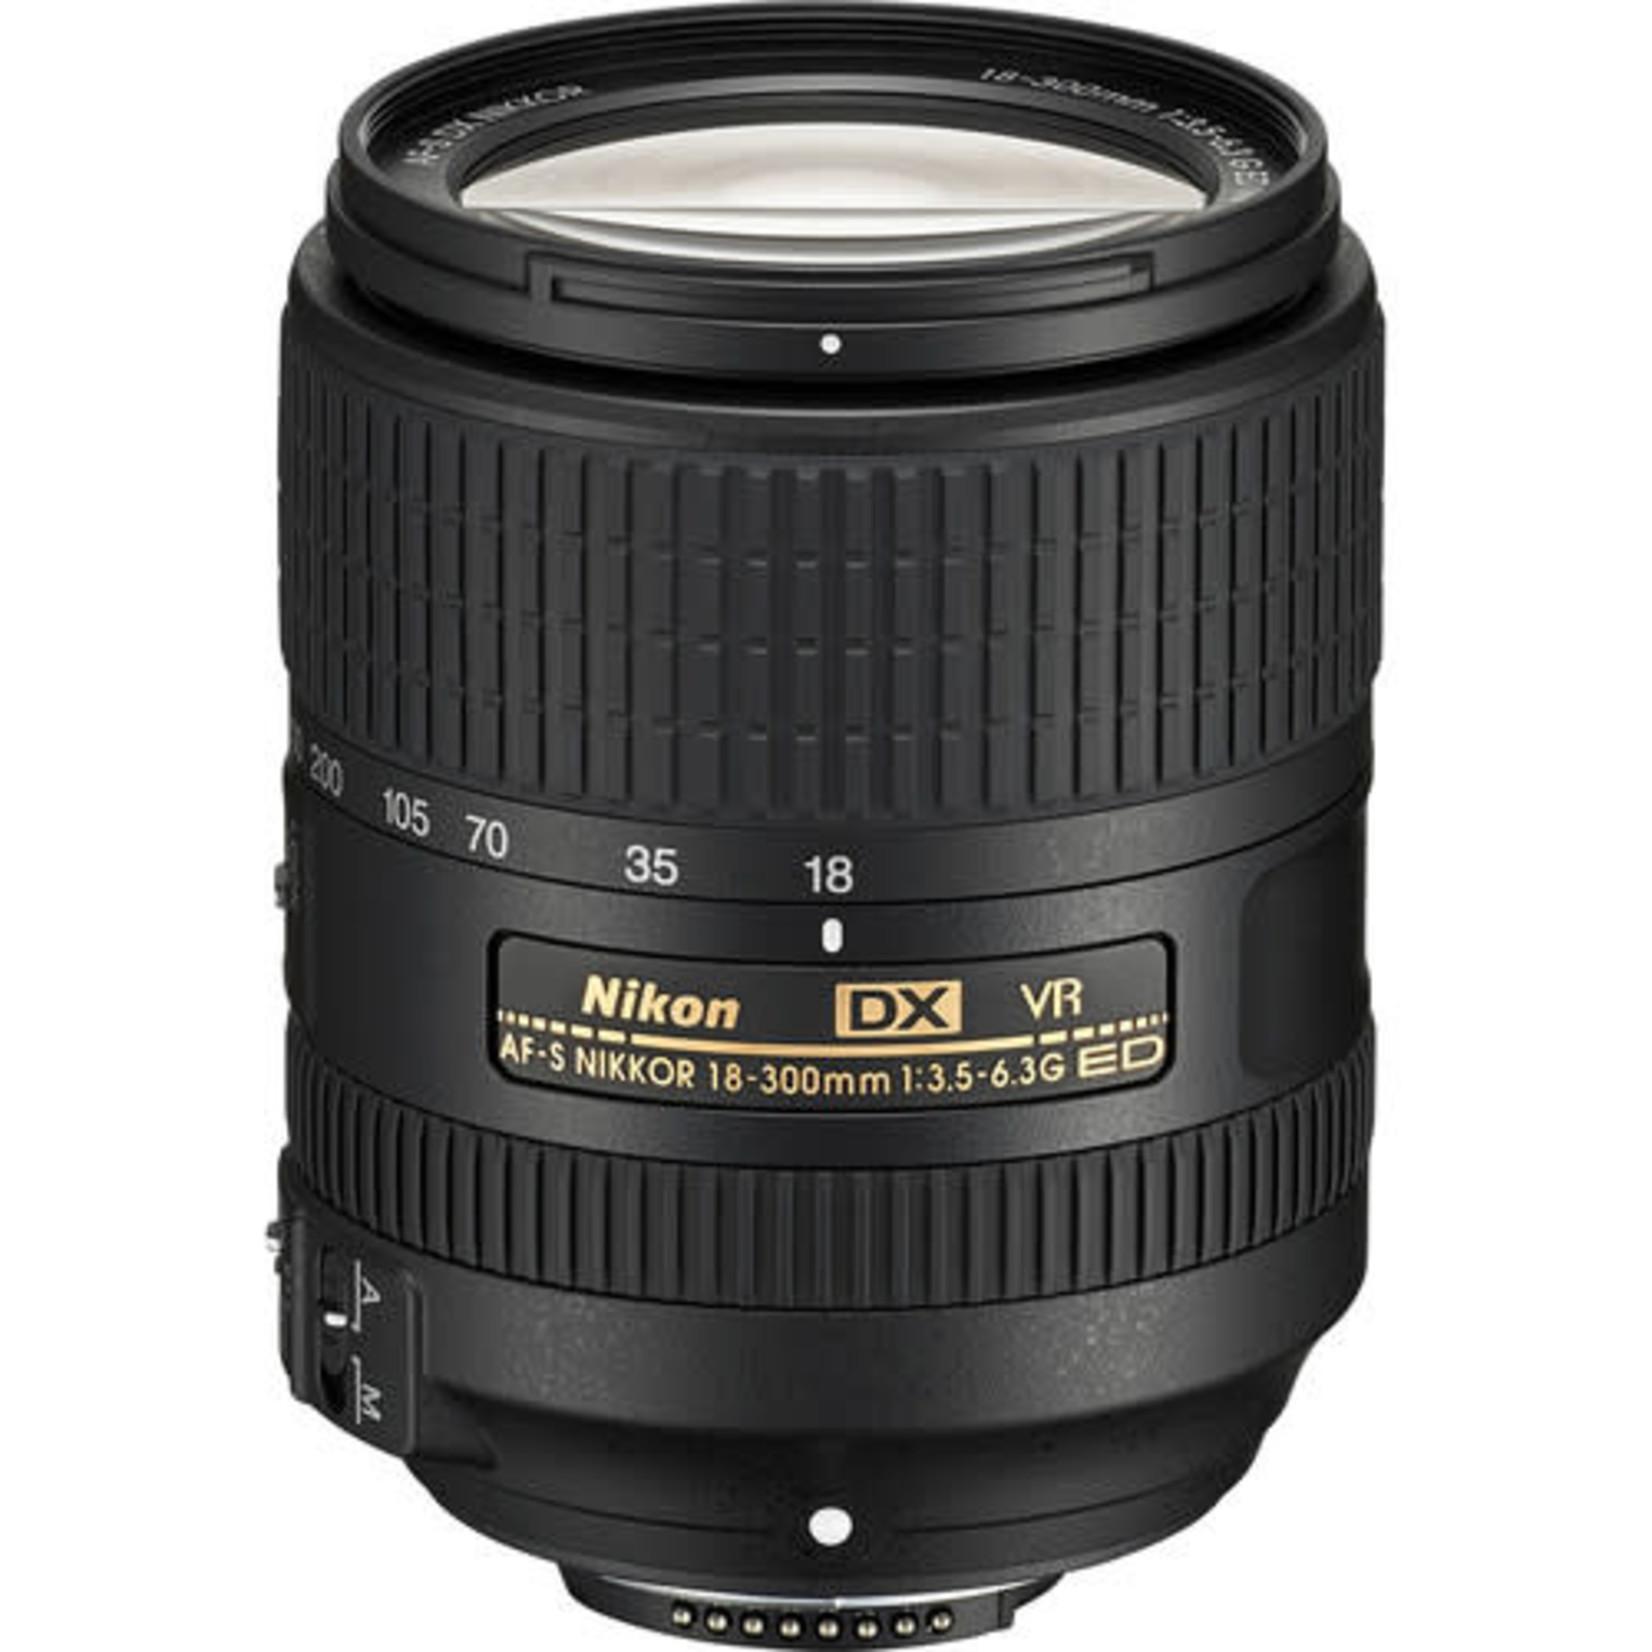 Nikon Nikon AF-S DX NIKKOR 18-300mm f/3.5-6.3G ED VR Lens